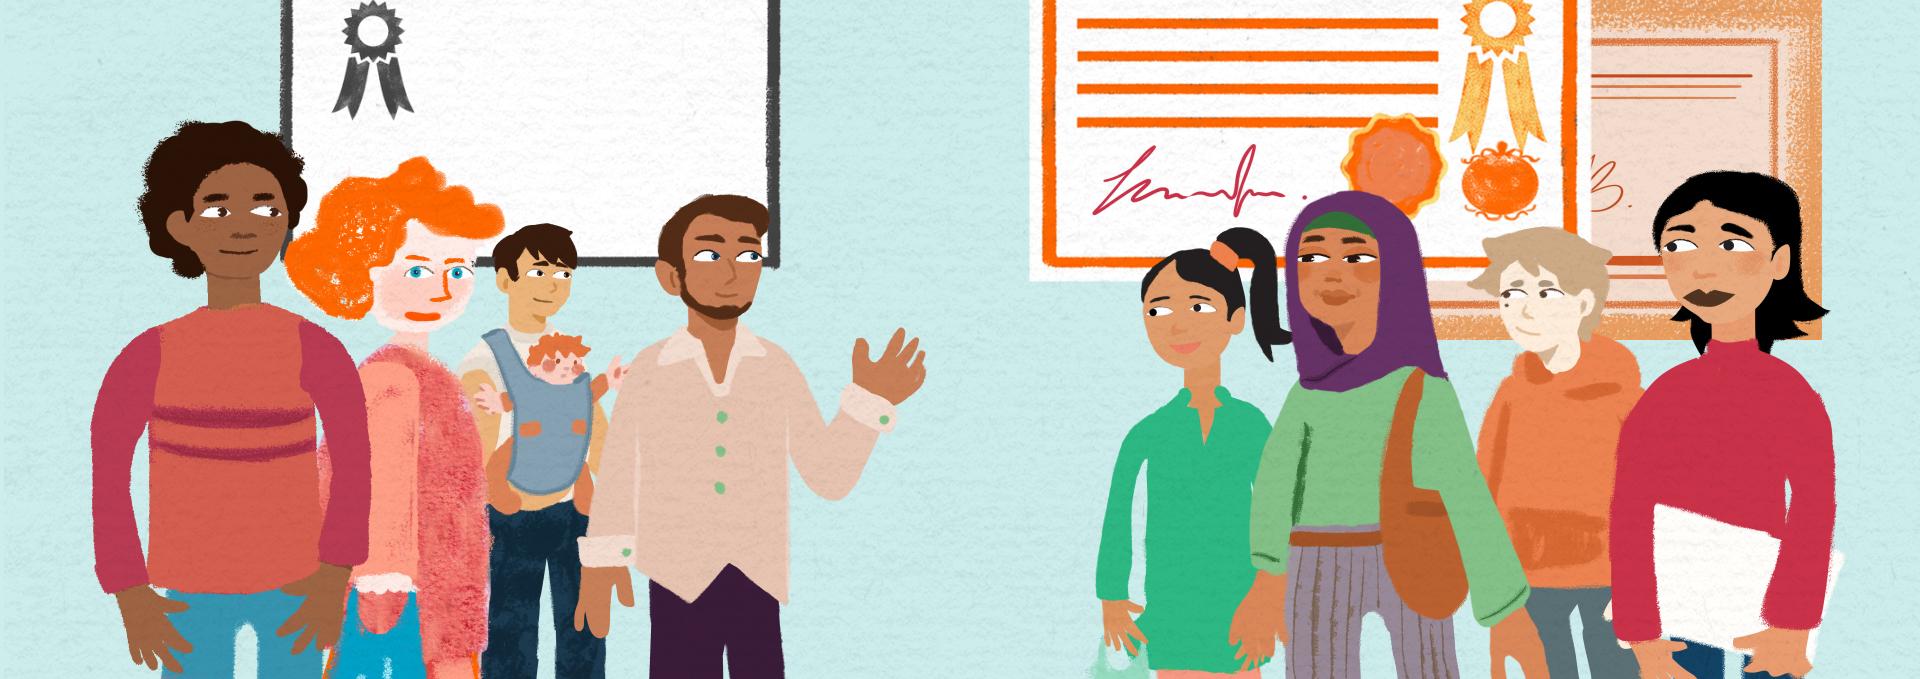 illustratie uit animatie samen kansrijk en gezond